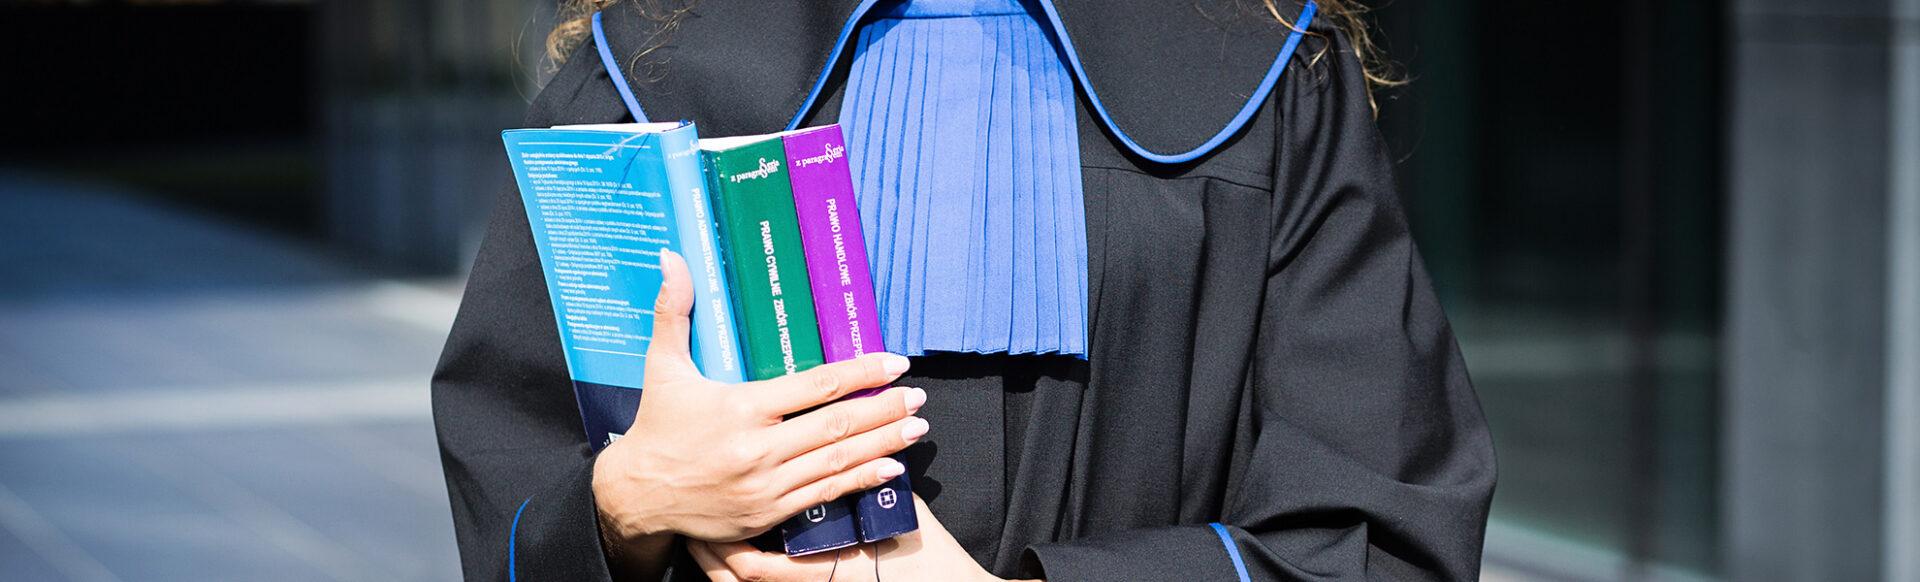 Kancelaria Prawna Jaworska & Wspólnicy Specjalizacja